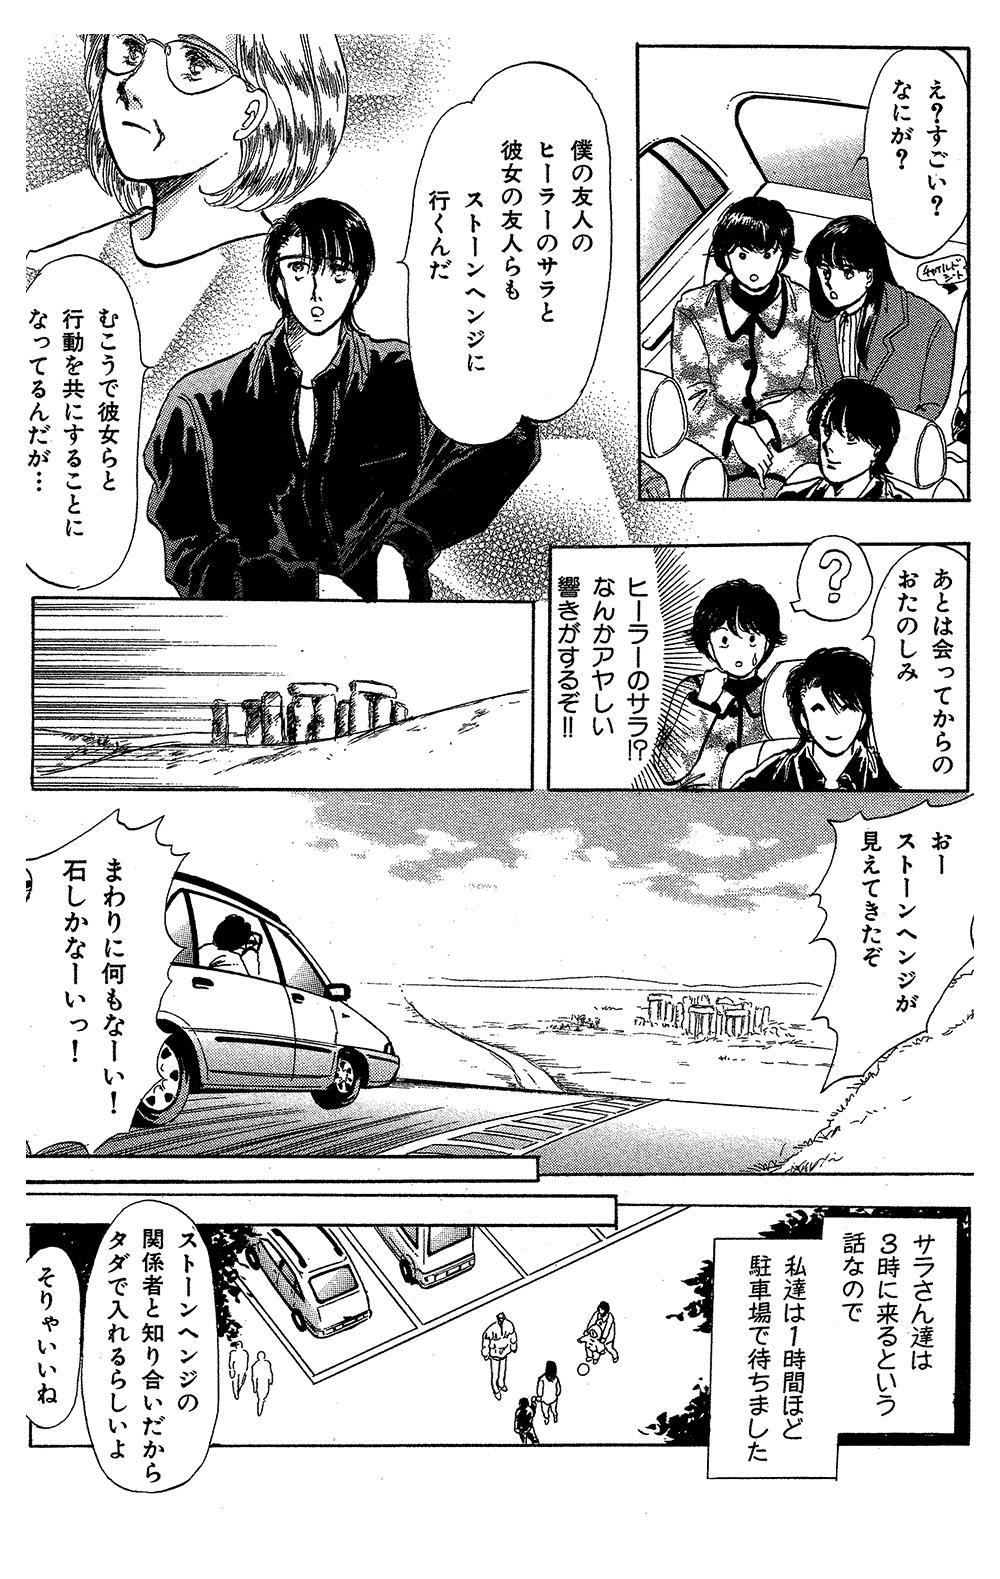 霊感ママシリーズ 第3話「英国ミステリーツアー」②reikanmama-01-85.jpg